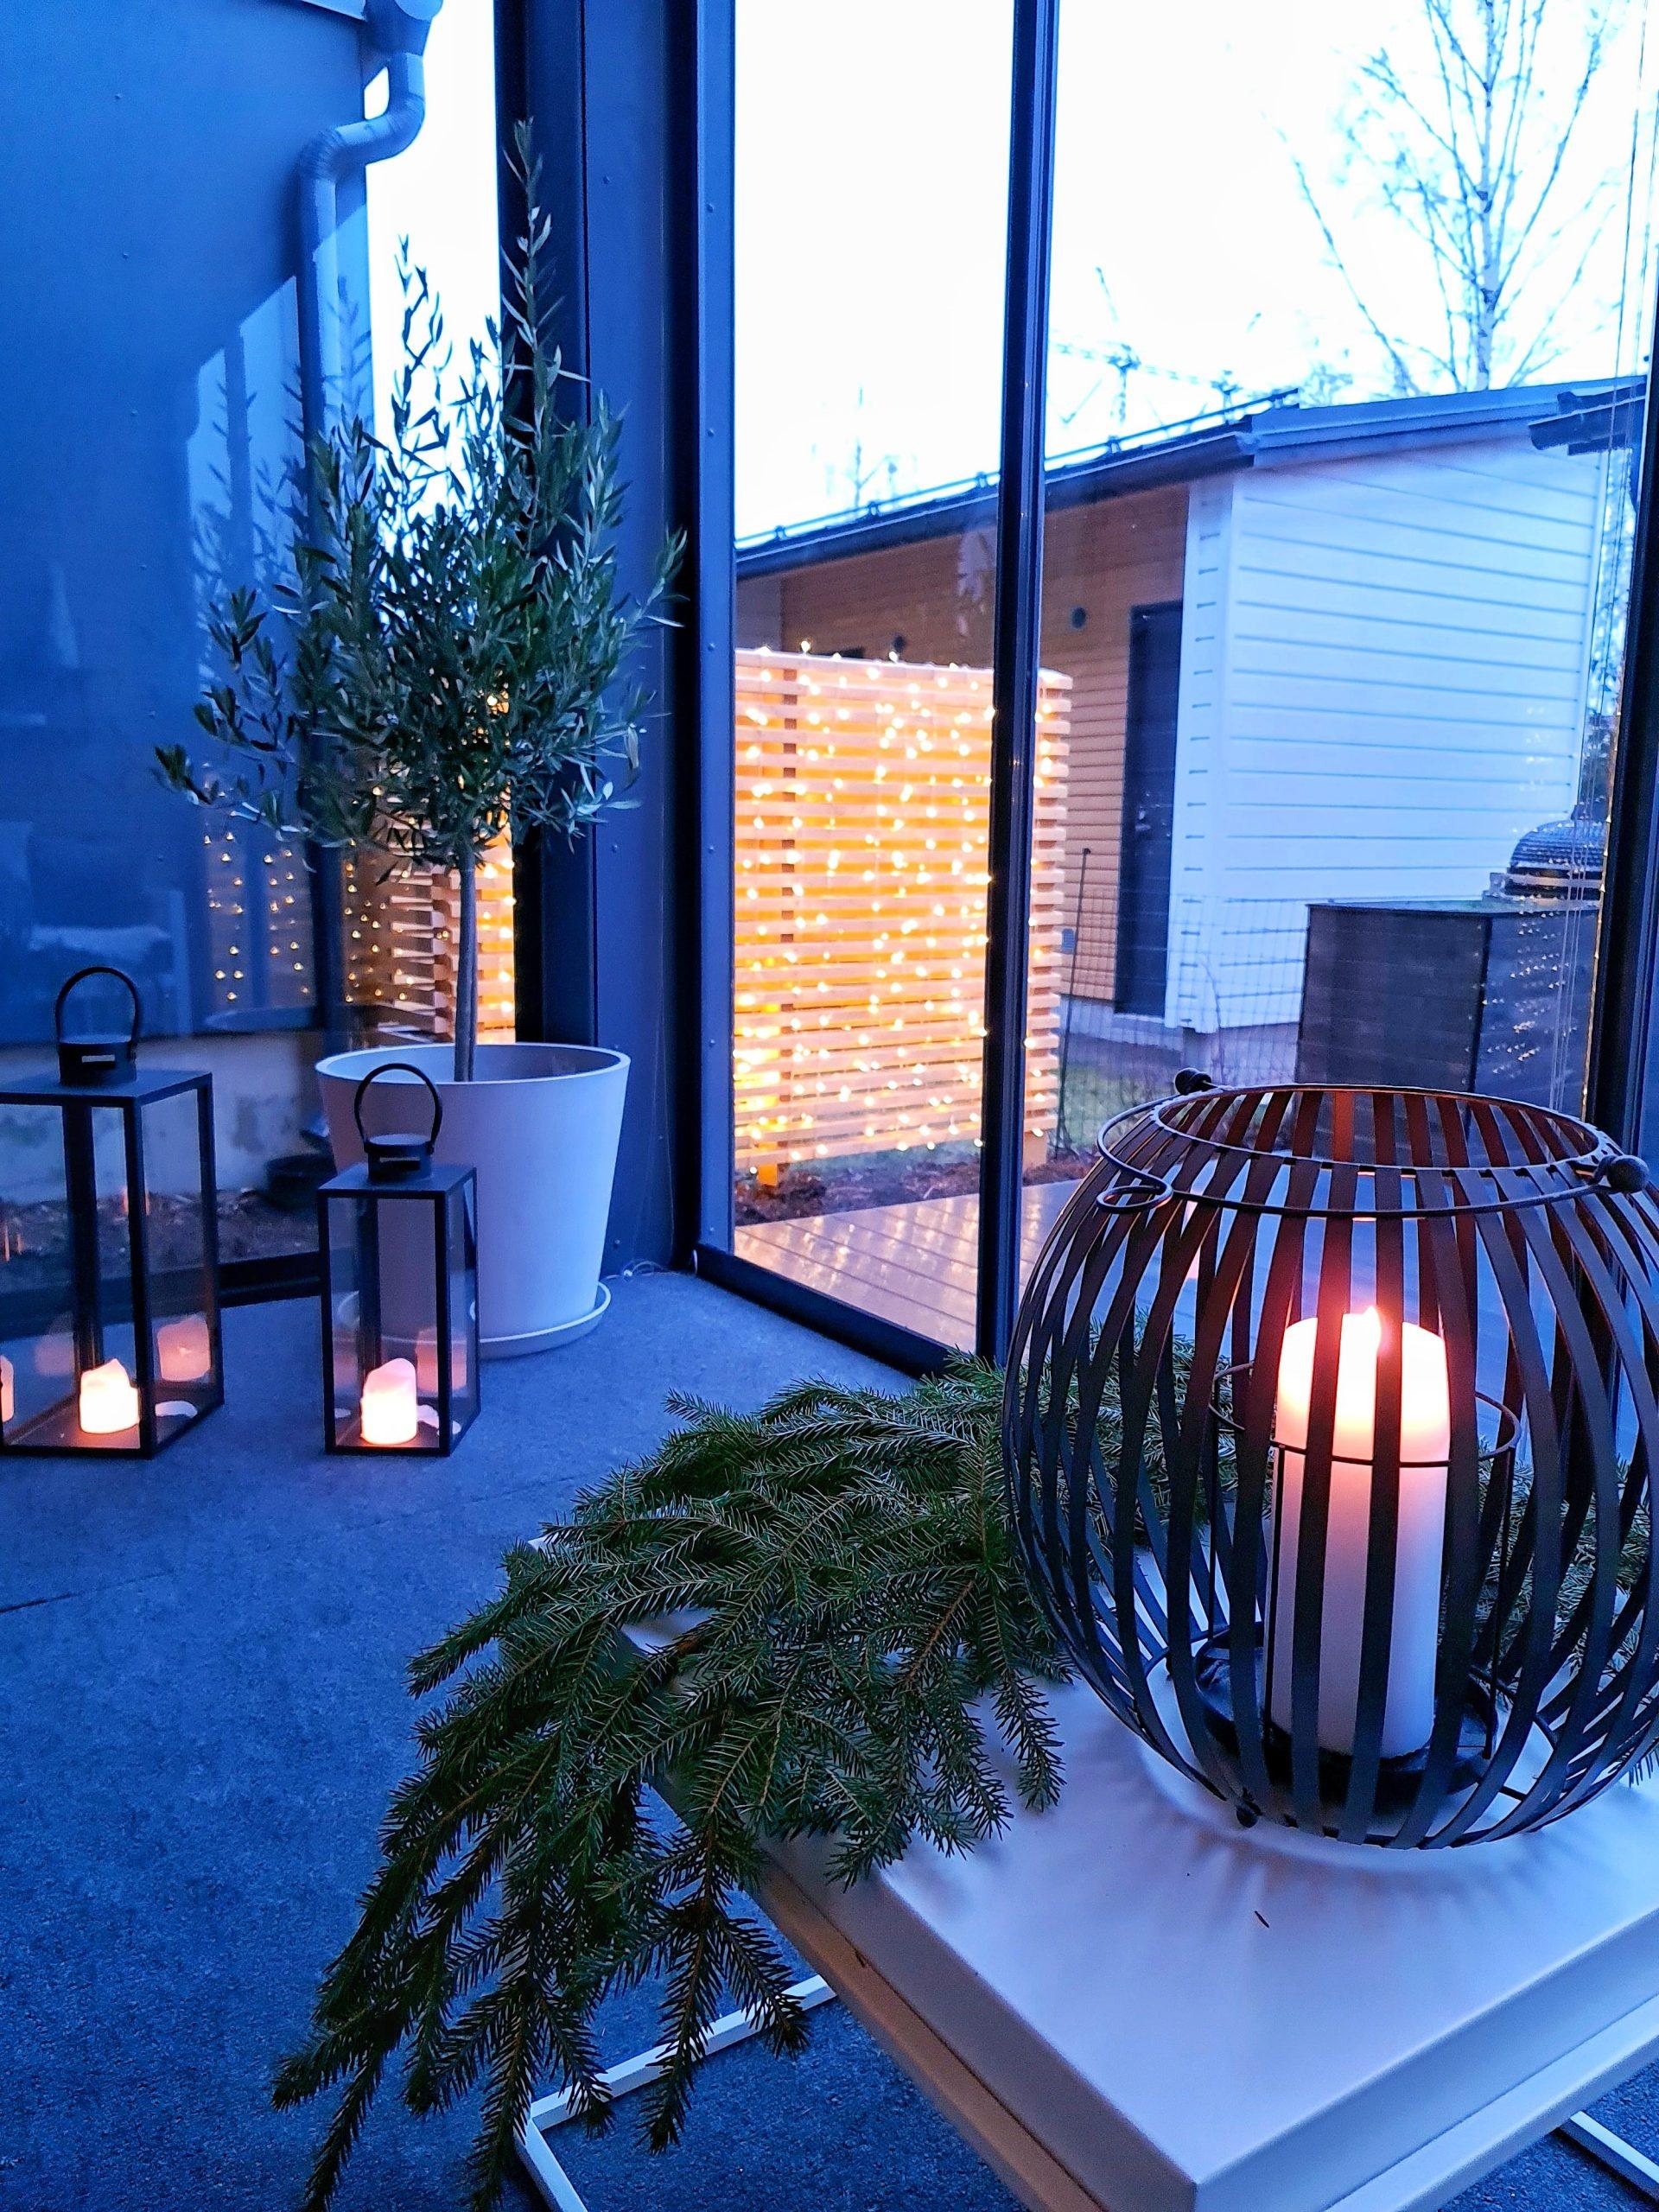 terassi jossa on kynttilöitä ja havuja ja termomatto